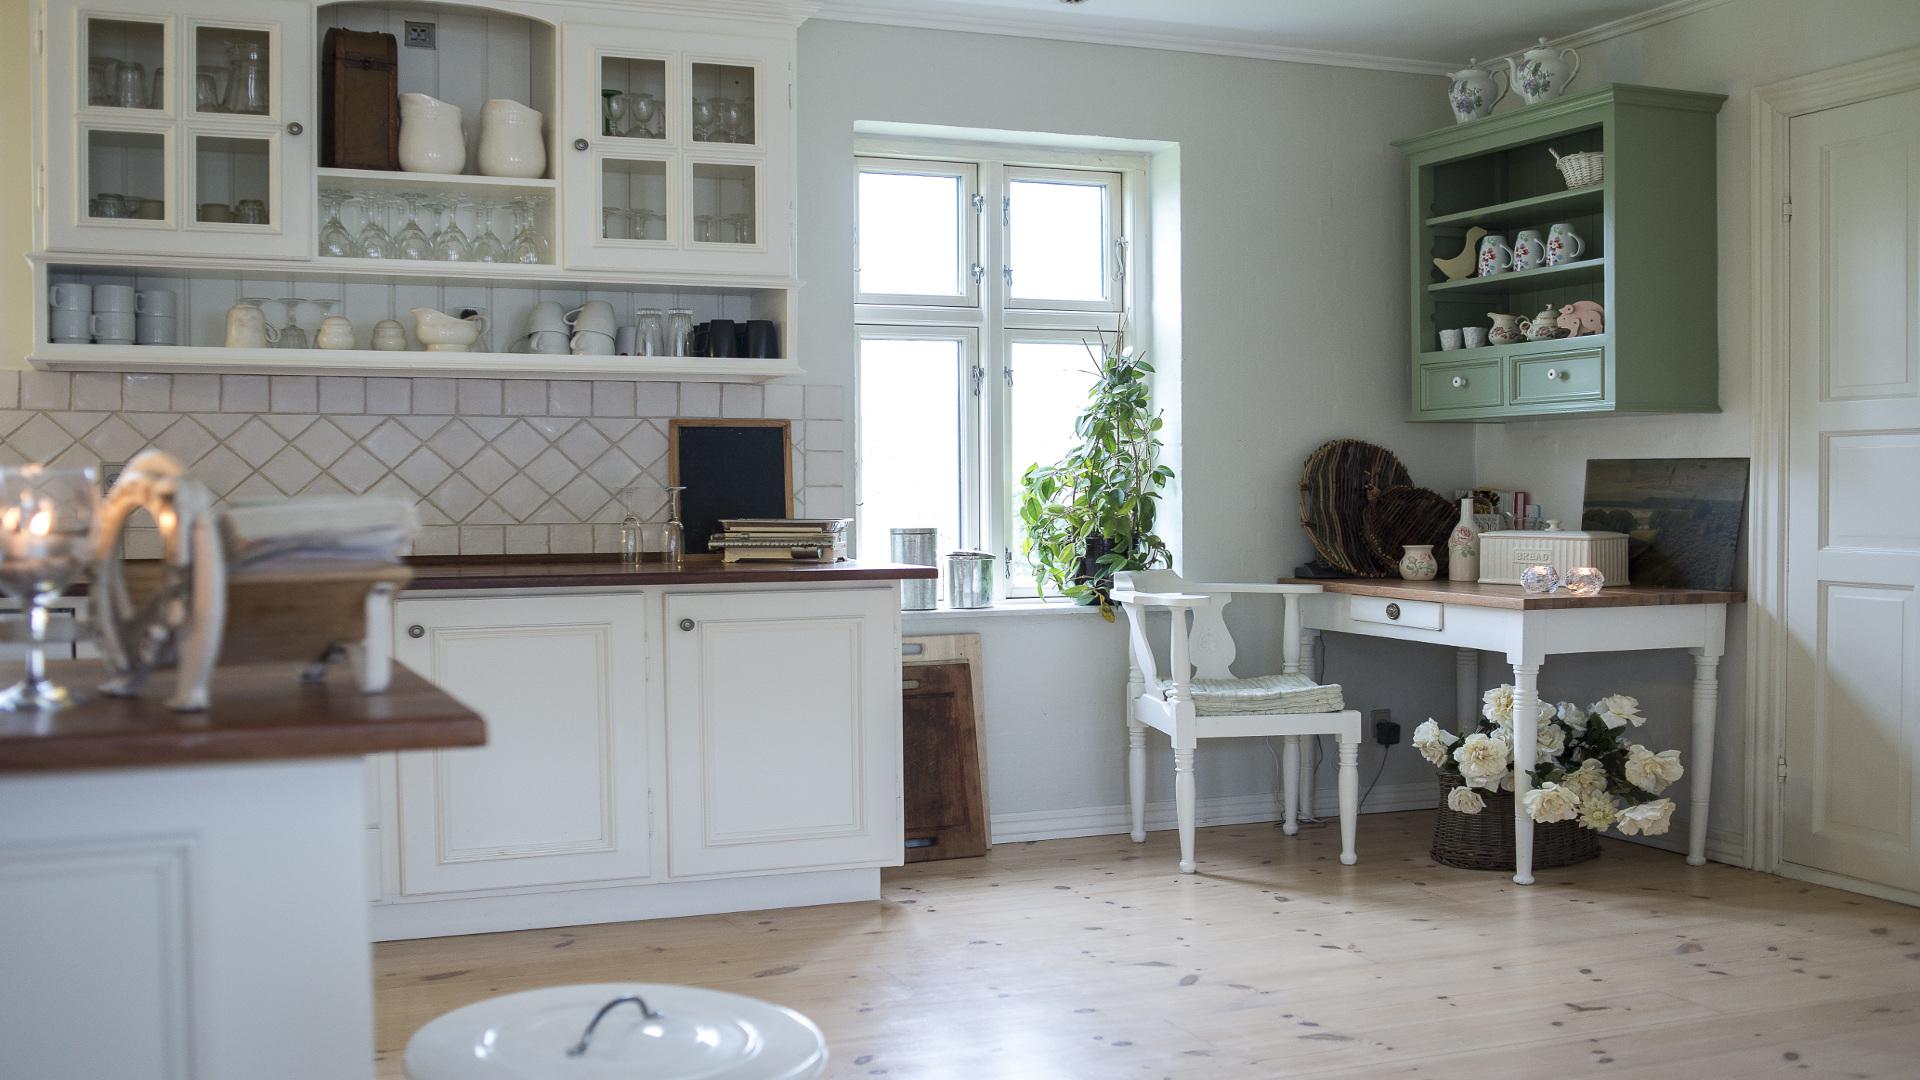 Cambia tu cocina por menos de 150 euros1920